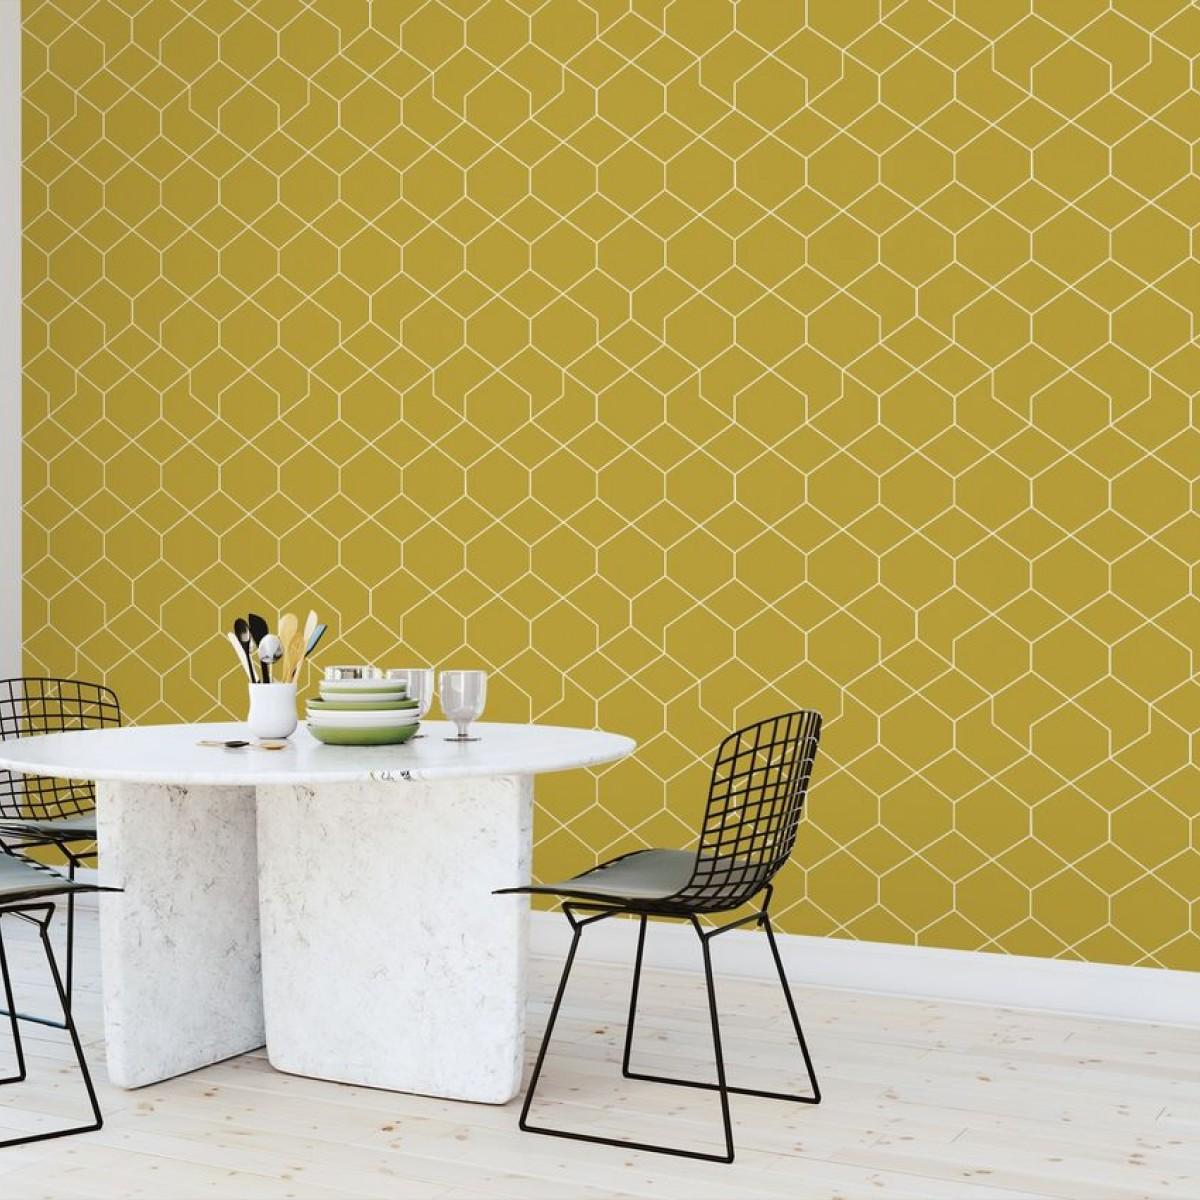 Fototapet Honeycomb Yellow, personalizat, Photowall